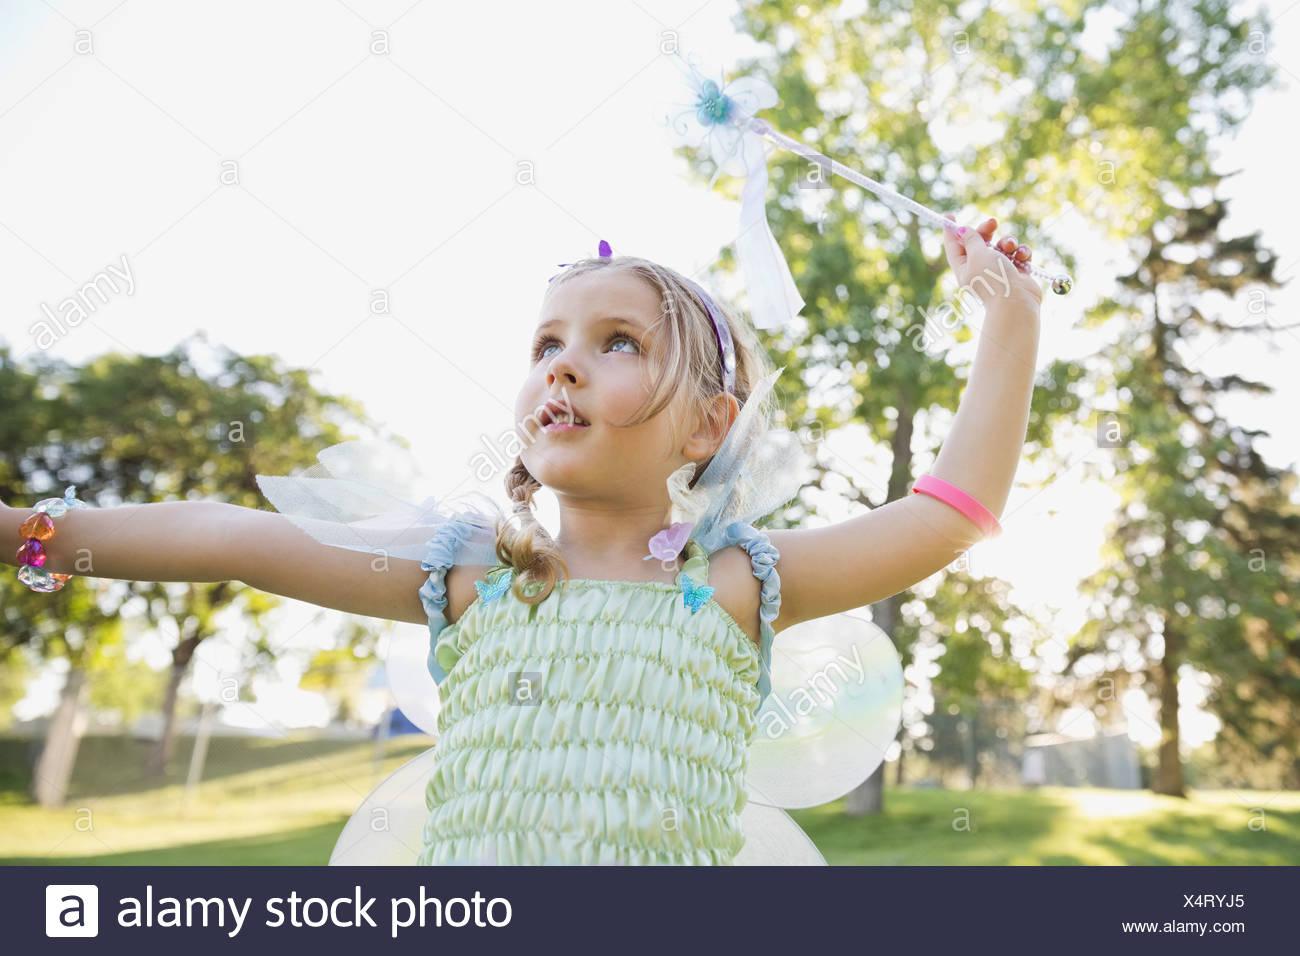 Bambina indossando il costume di fata all'aperto Immagini Stock